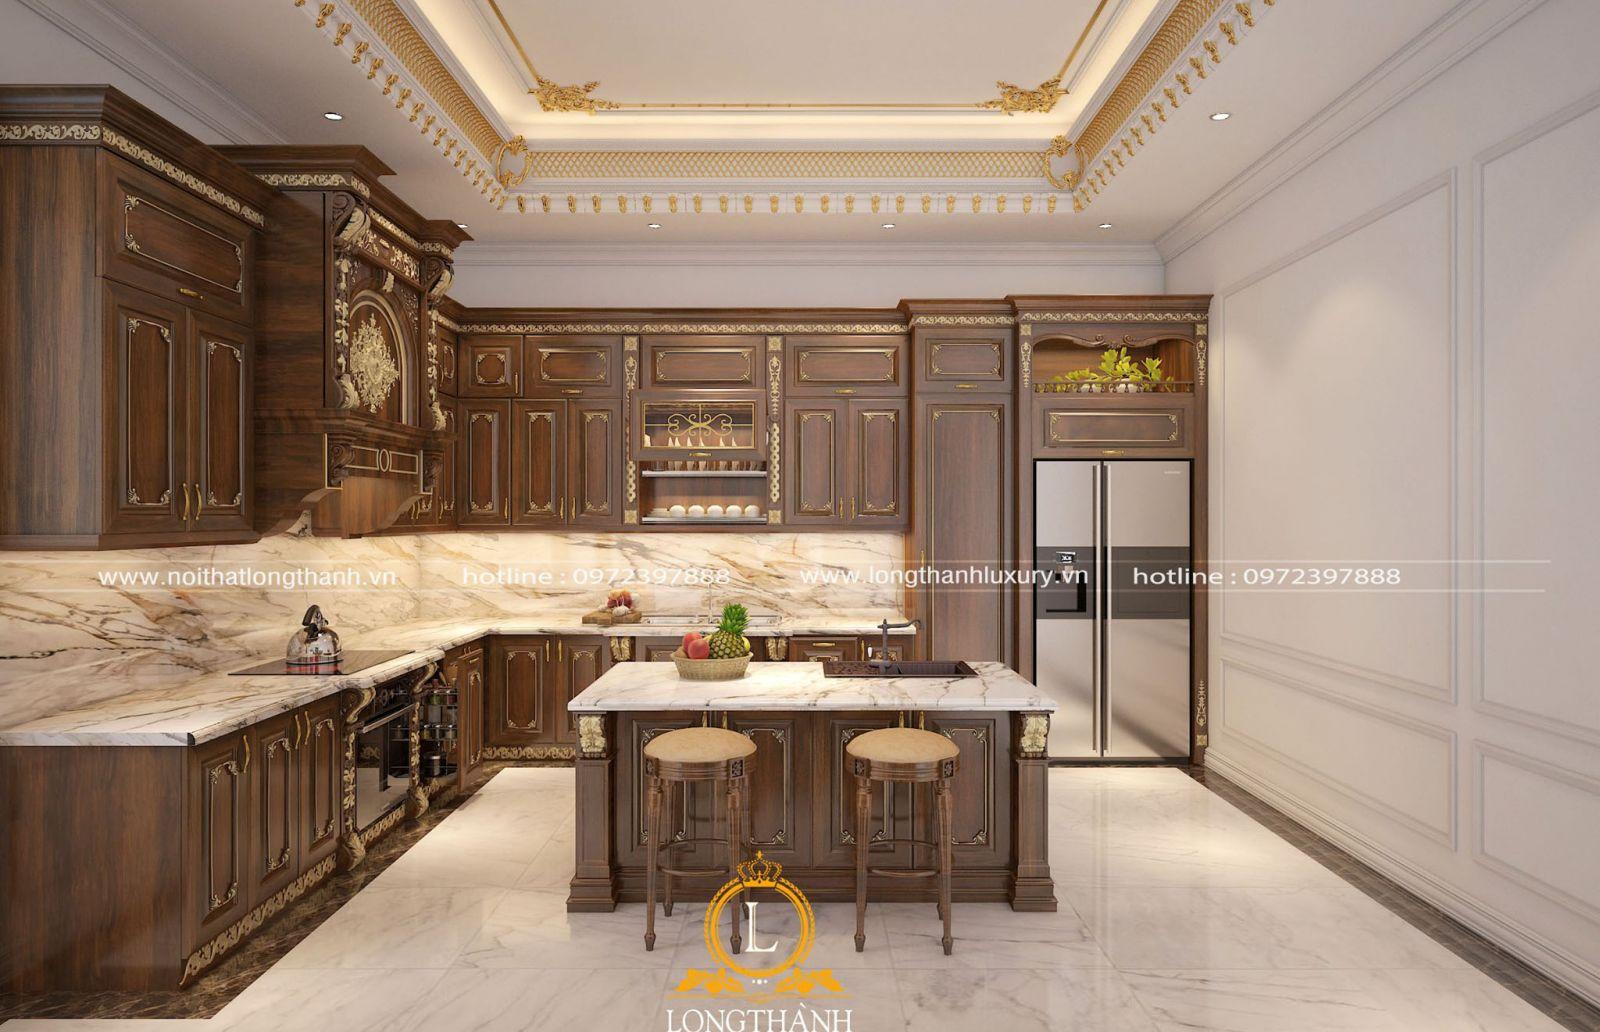 Mẫu tủ bếp đẹp sang trọng cho không gian phòng bếp tinh tế